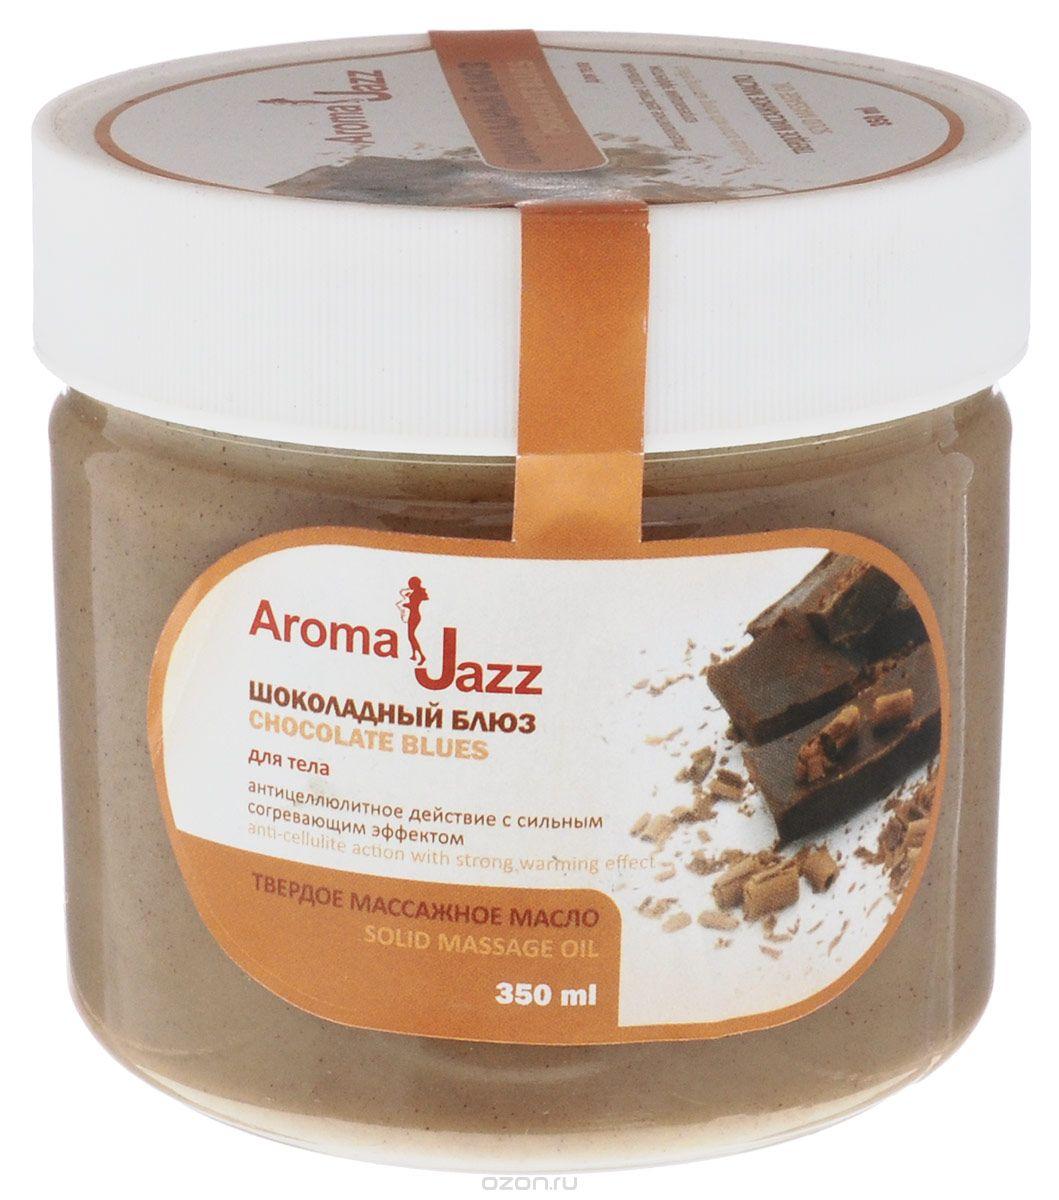 Aroma Jazz Твердое масло Антицеллюлитное Шоколадный блюз, 300 мл0103Действие: снижает вес, активизирует липолиз, уменьшает объемы проблемных участков тела, устраняет локальные жировые отложения, активизирует кровообращение и стимулирует лимфодренаж. Масло выводит токсические вещества и стимулирует обмен веществ, улучшает тургор кожи, повышает ее упругость и эластичность, устраняя видимый сосудистый рисунок. Оказывает общее омолаживающее действие, устраняет симптом «апельсиновой корки», купирует воспалительные реакции кожи. Противопоказания: индивидуальная непереносимость компонентов продукта. Срок хранения: 24 месяца. После вскрытия упаковки использовать в течении 6 месяцев.